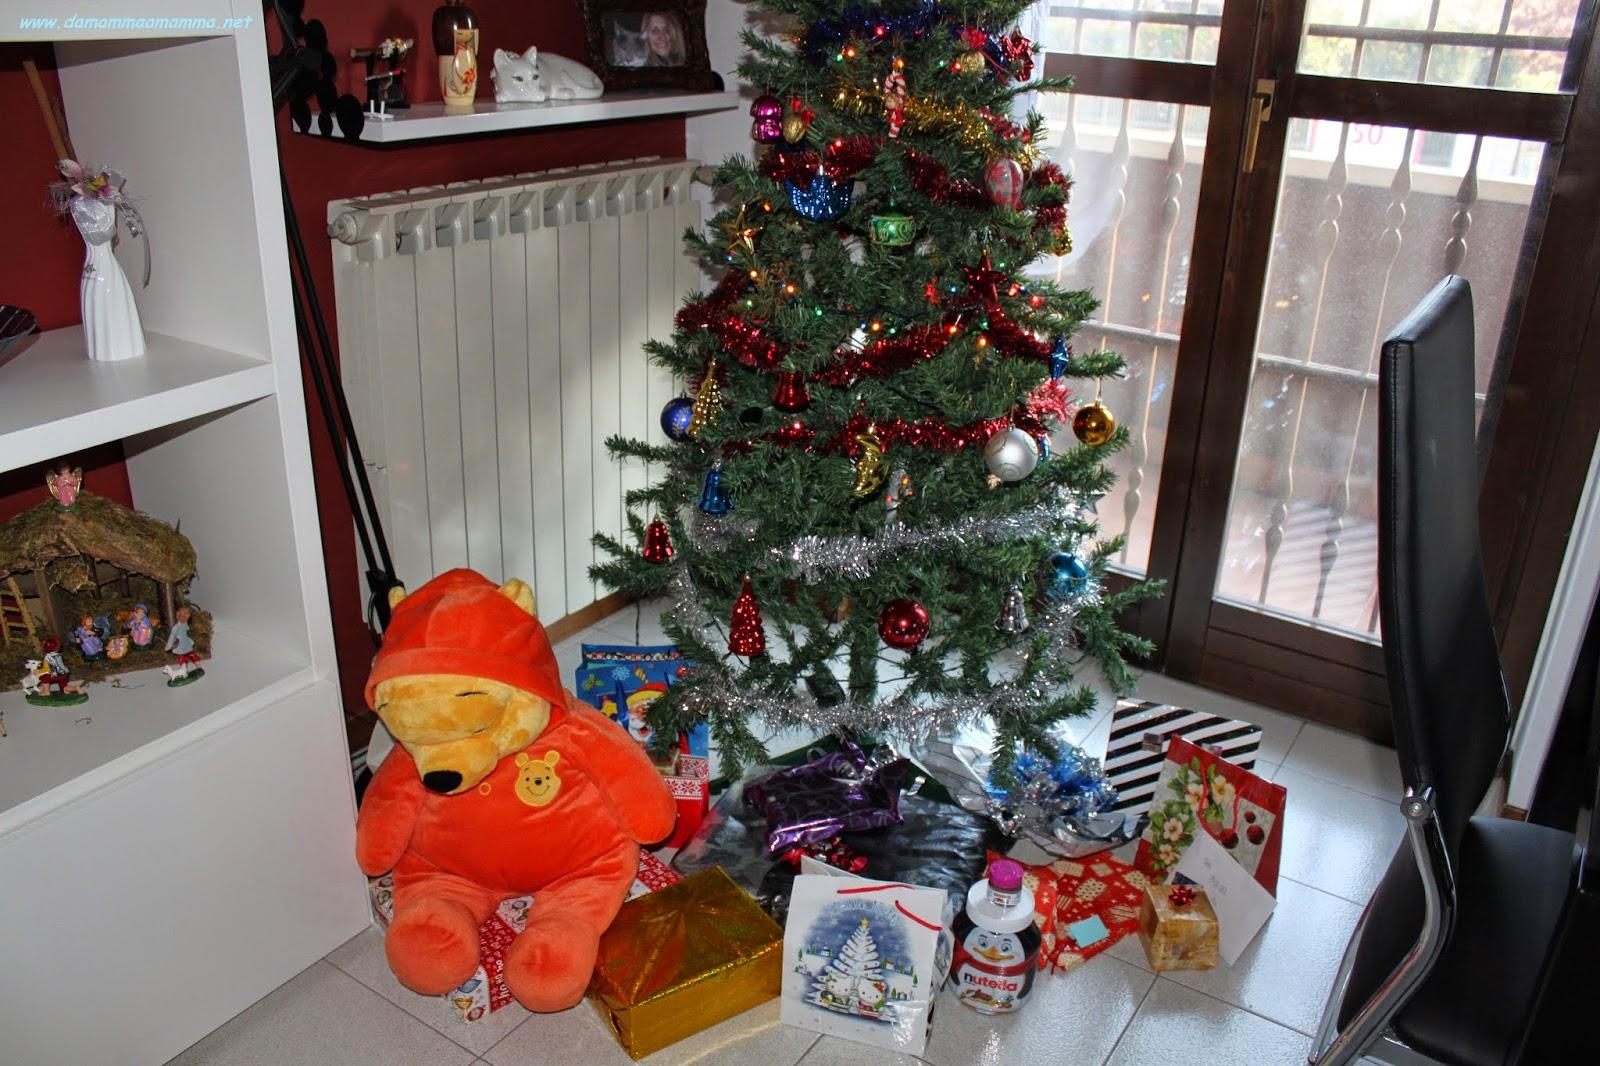 Regali Di Natale Alla Mamma.Natale E Regali Da Mamma A Mamma